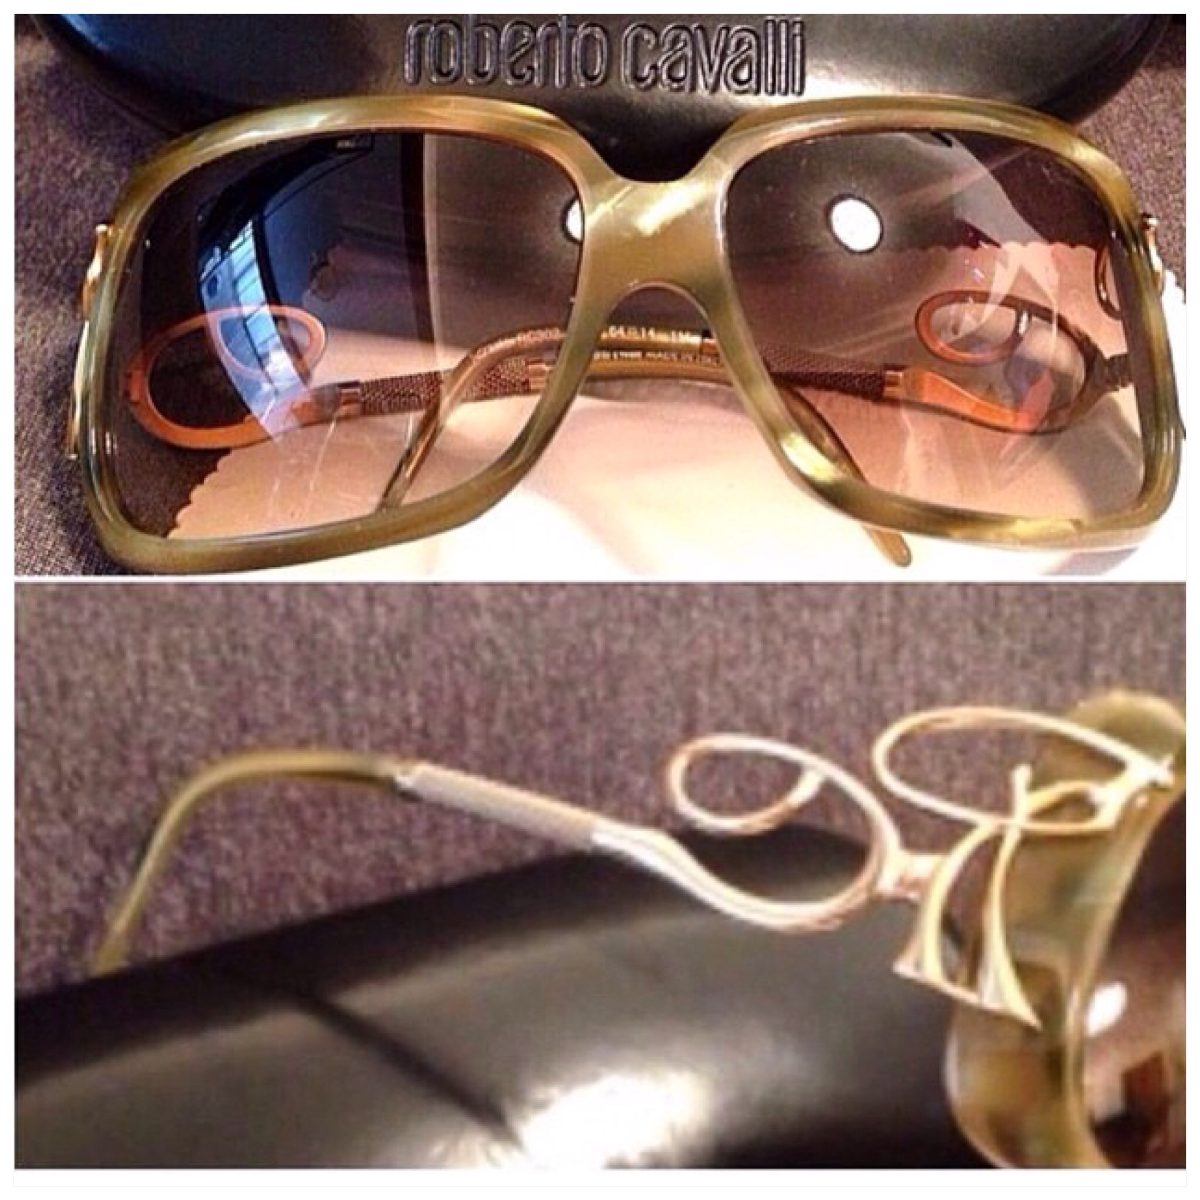 a72cd3bfe95f8 Óculos Roberto Cavalli - R  370,00 em Mercado Livre